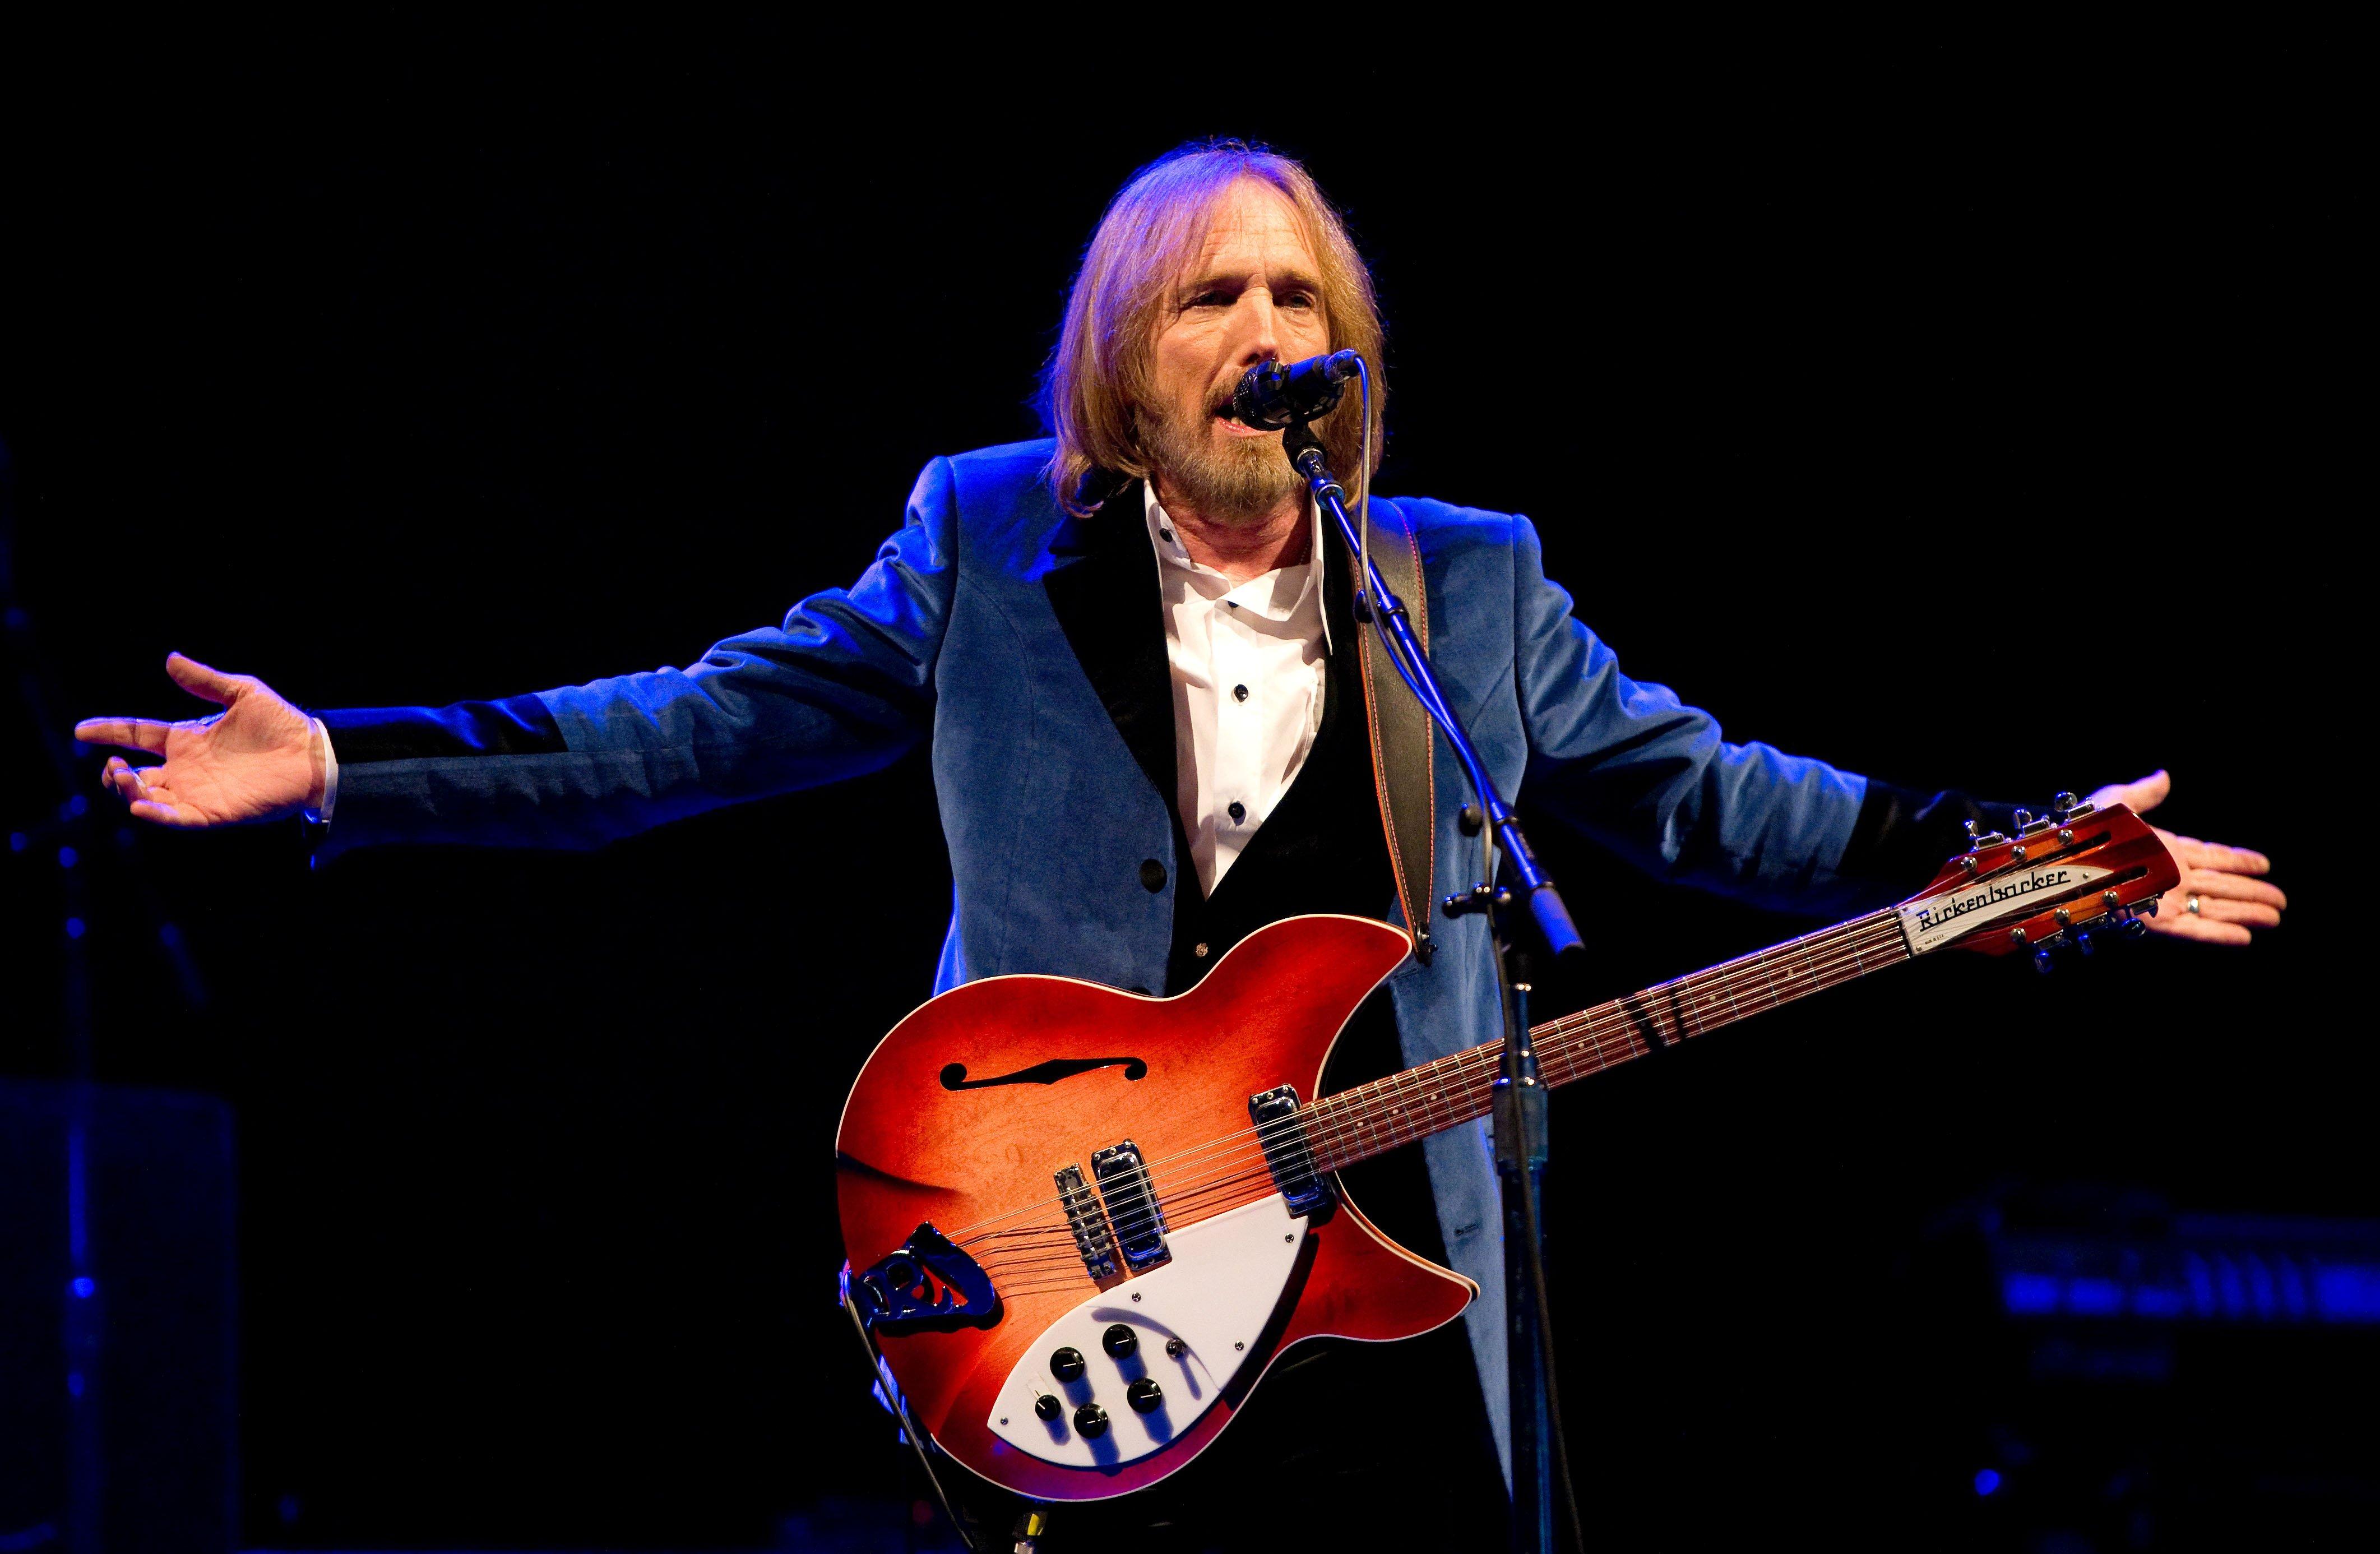 TOM PETTY HEARTBREAKERS rock heartland blues hard tom petty wallpaper 4246x2772